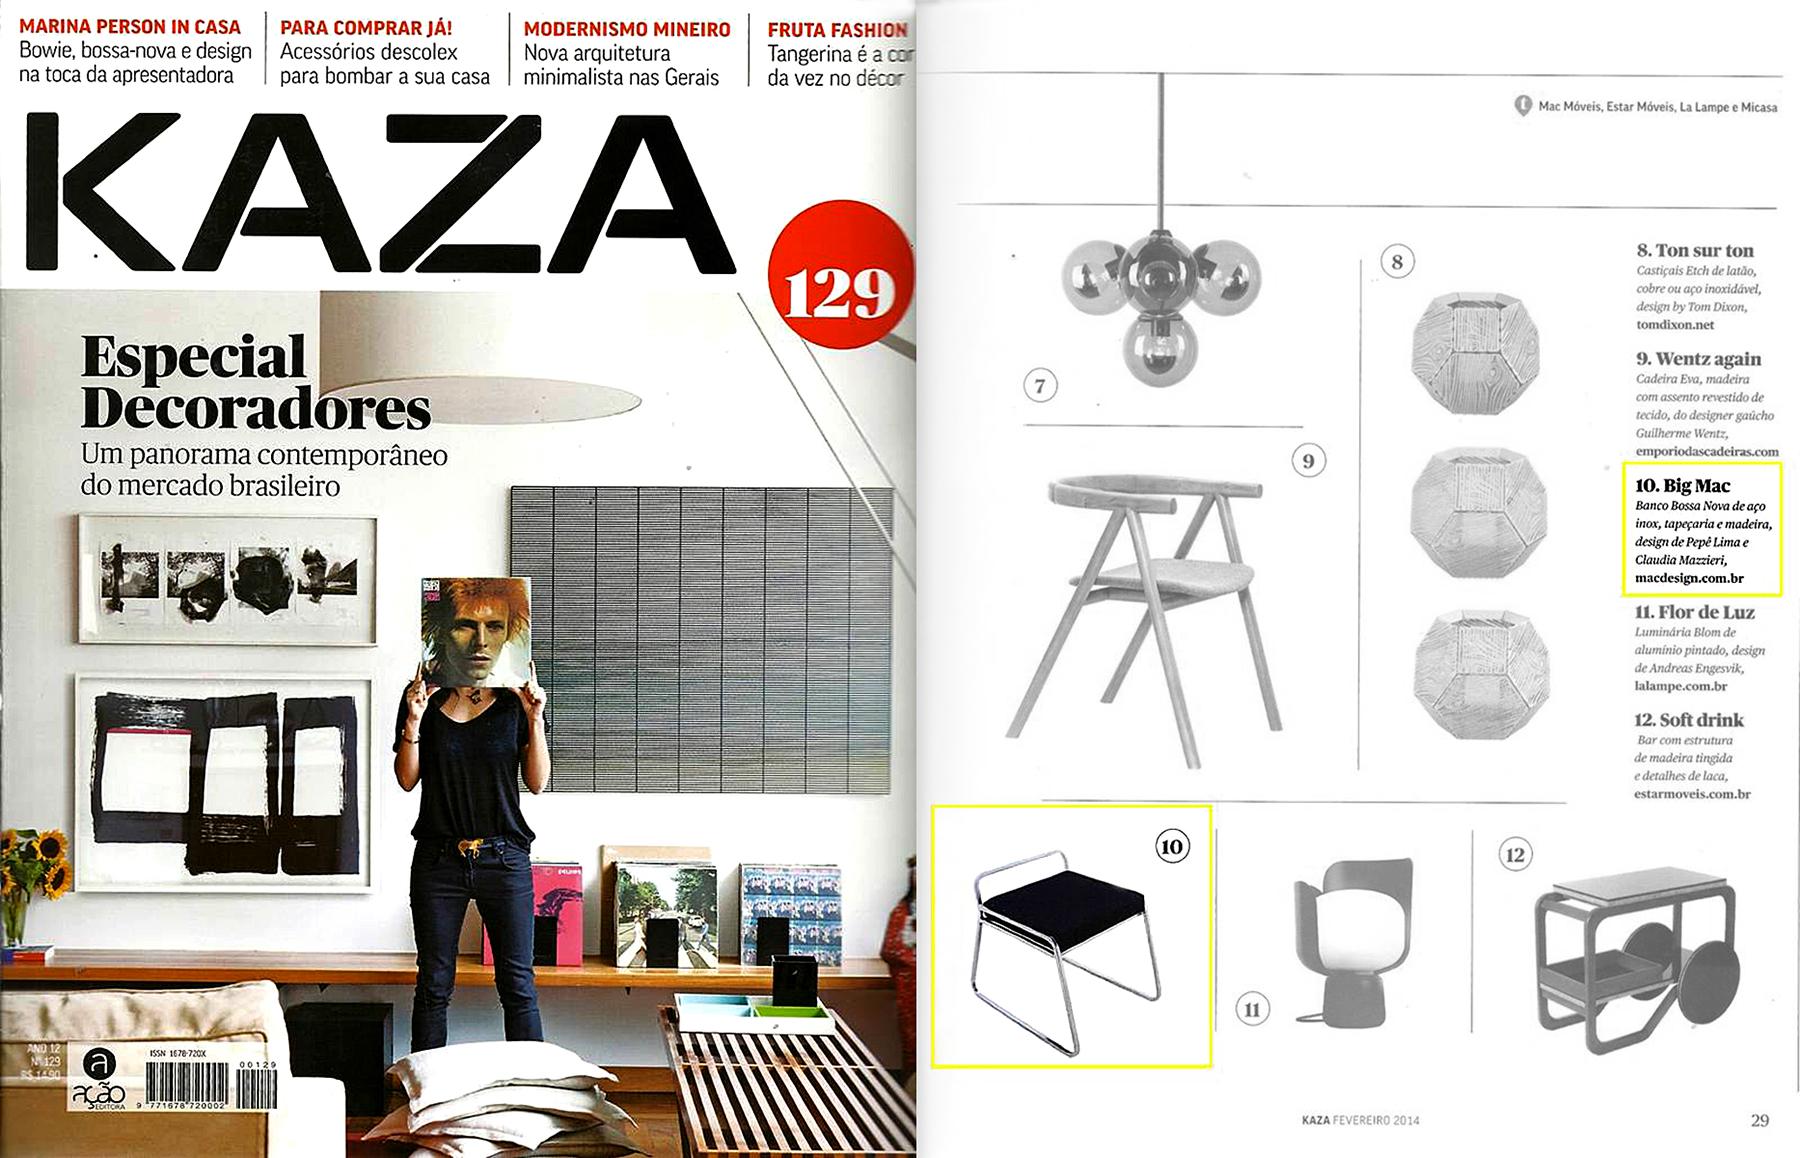 KAZA nº 129 - January 2014